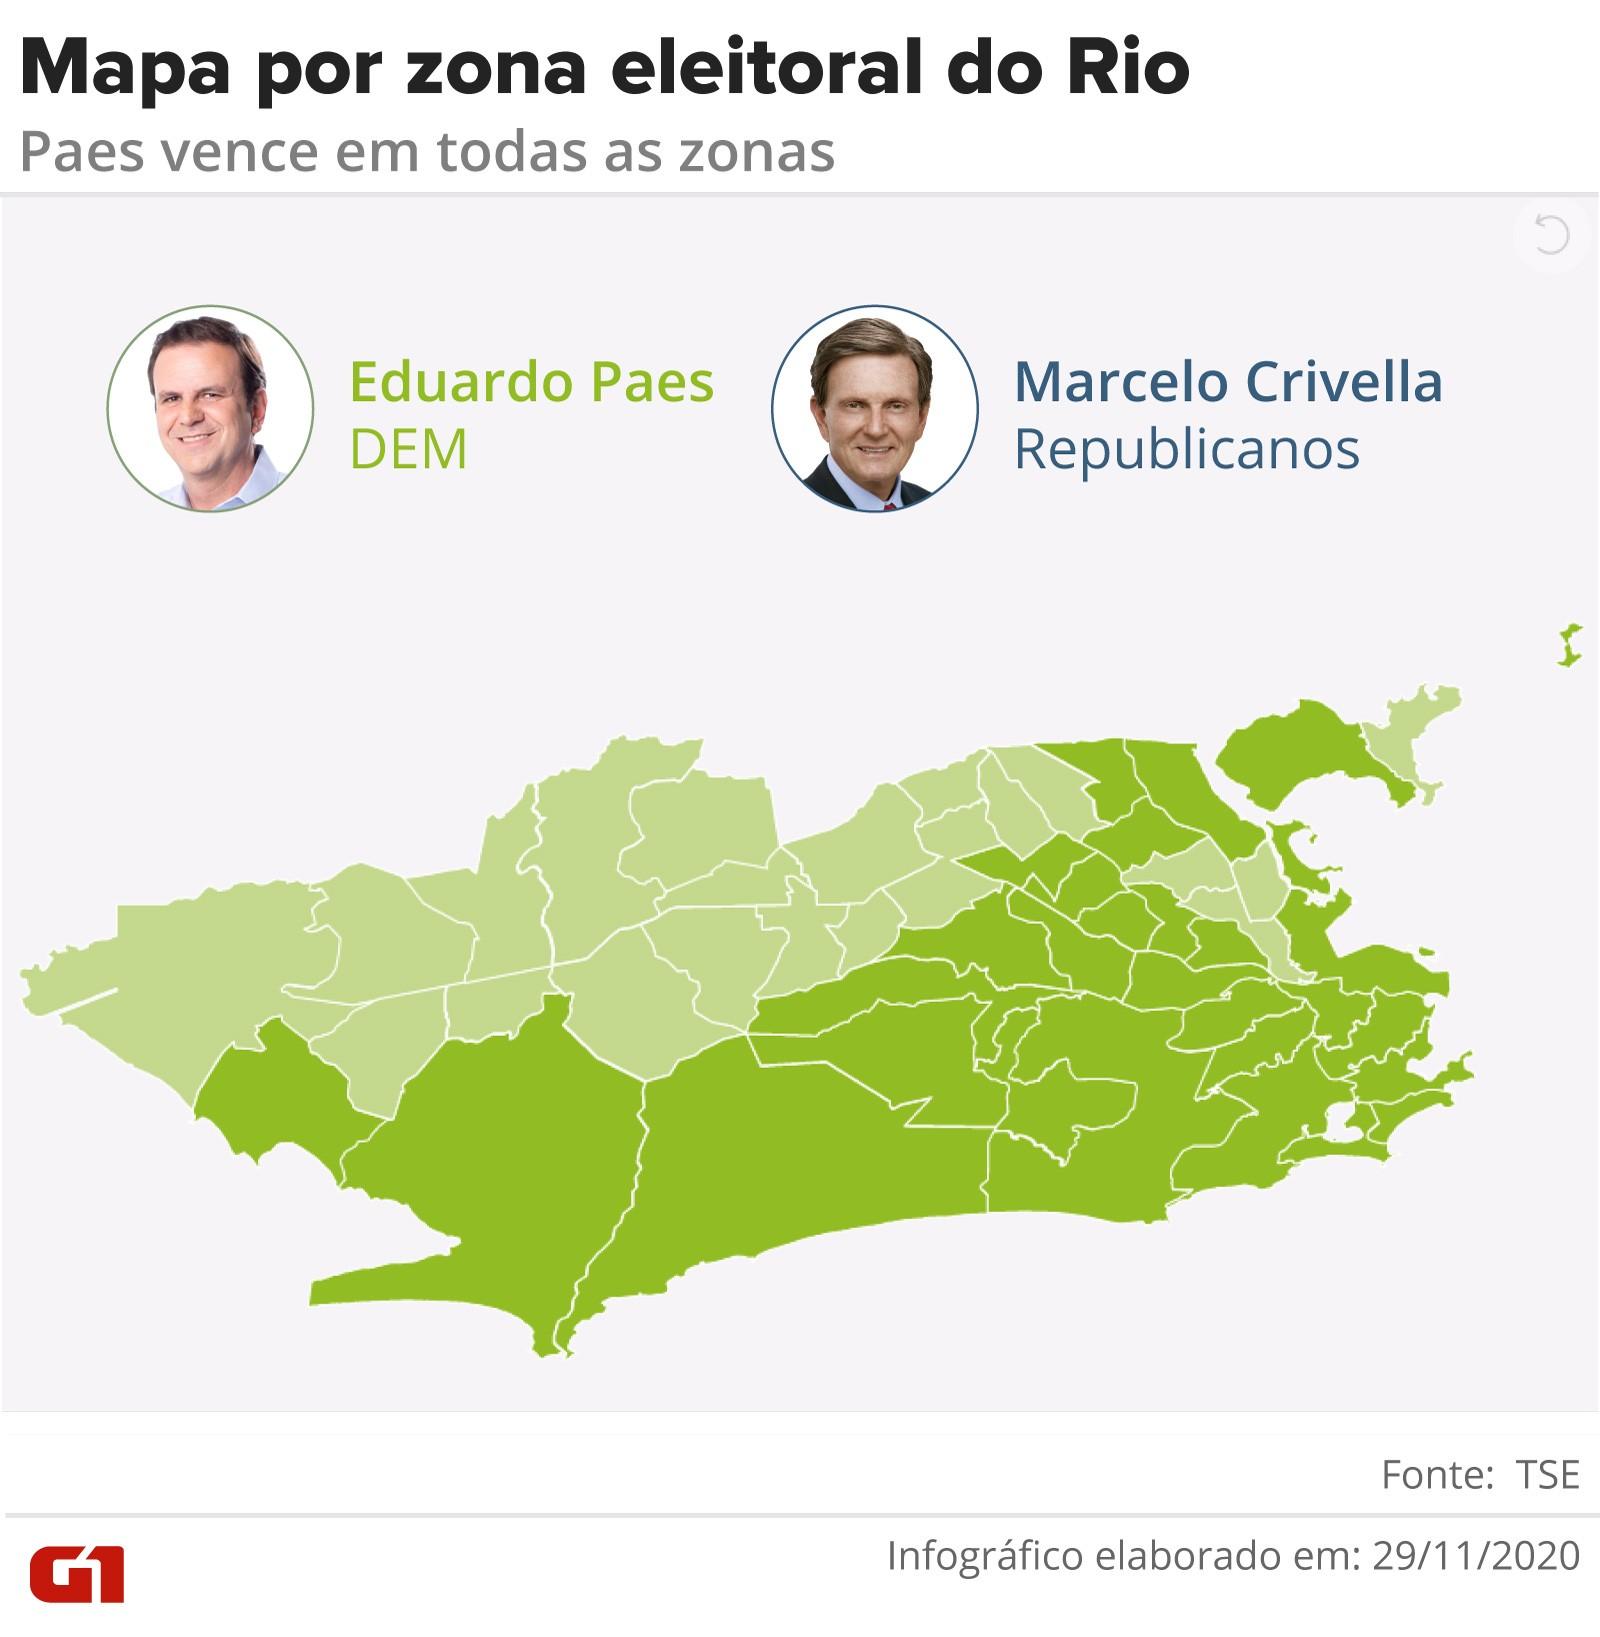 Paes 'vira' sobre Crivella nas únicas 5 zonas eleitorais onde tinha perdido no 1º turno e vence em todas as 49